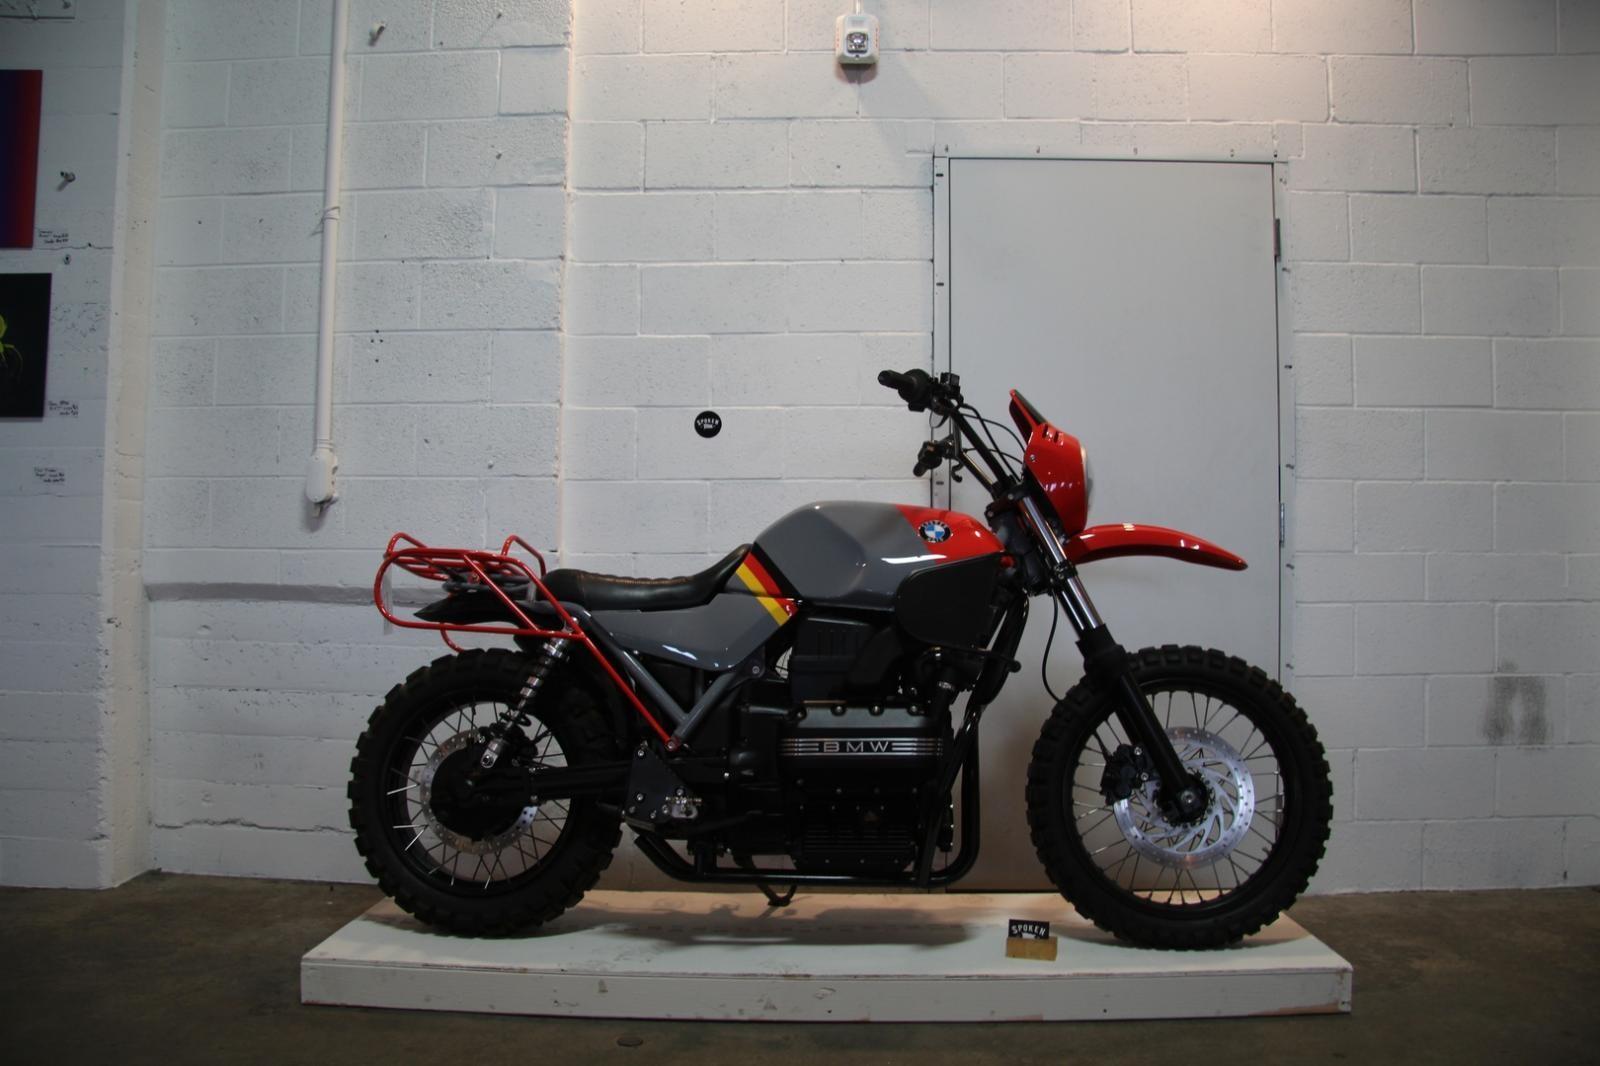 Chiêm ngưỡng những mẫu mô tô cực độc ở triển lãm Portland 2019 - 3